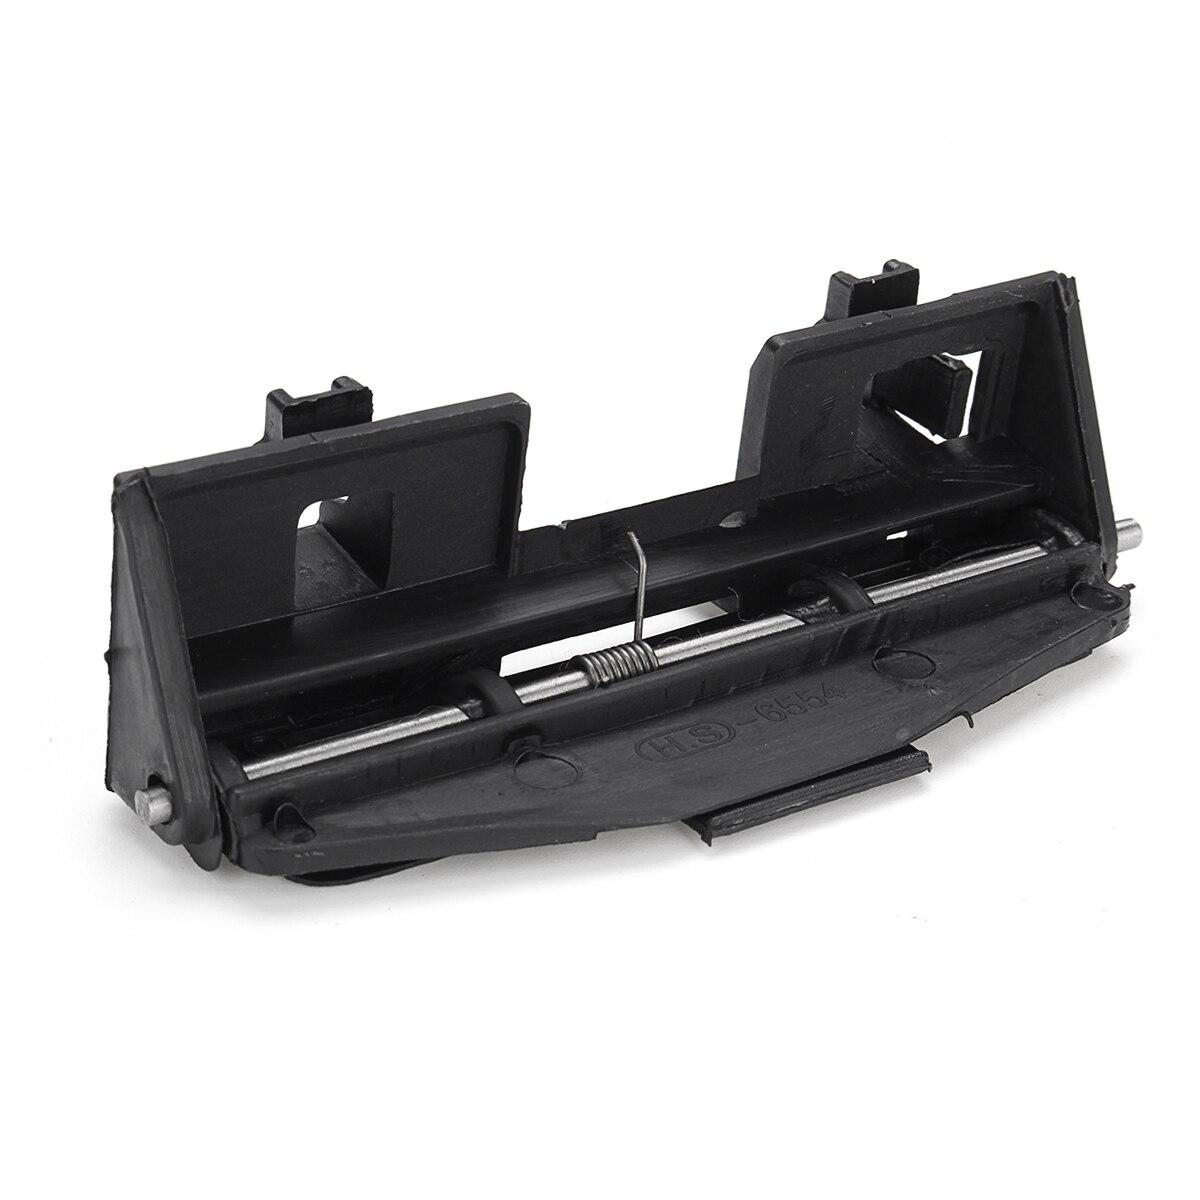 Tanque de combustível gás porta dobradiça enchimento flap dobradiça plástico & alumínio para bmw 5 7 series e32 e34 saloon 51171928197